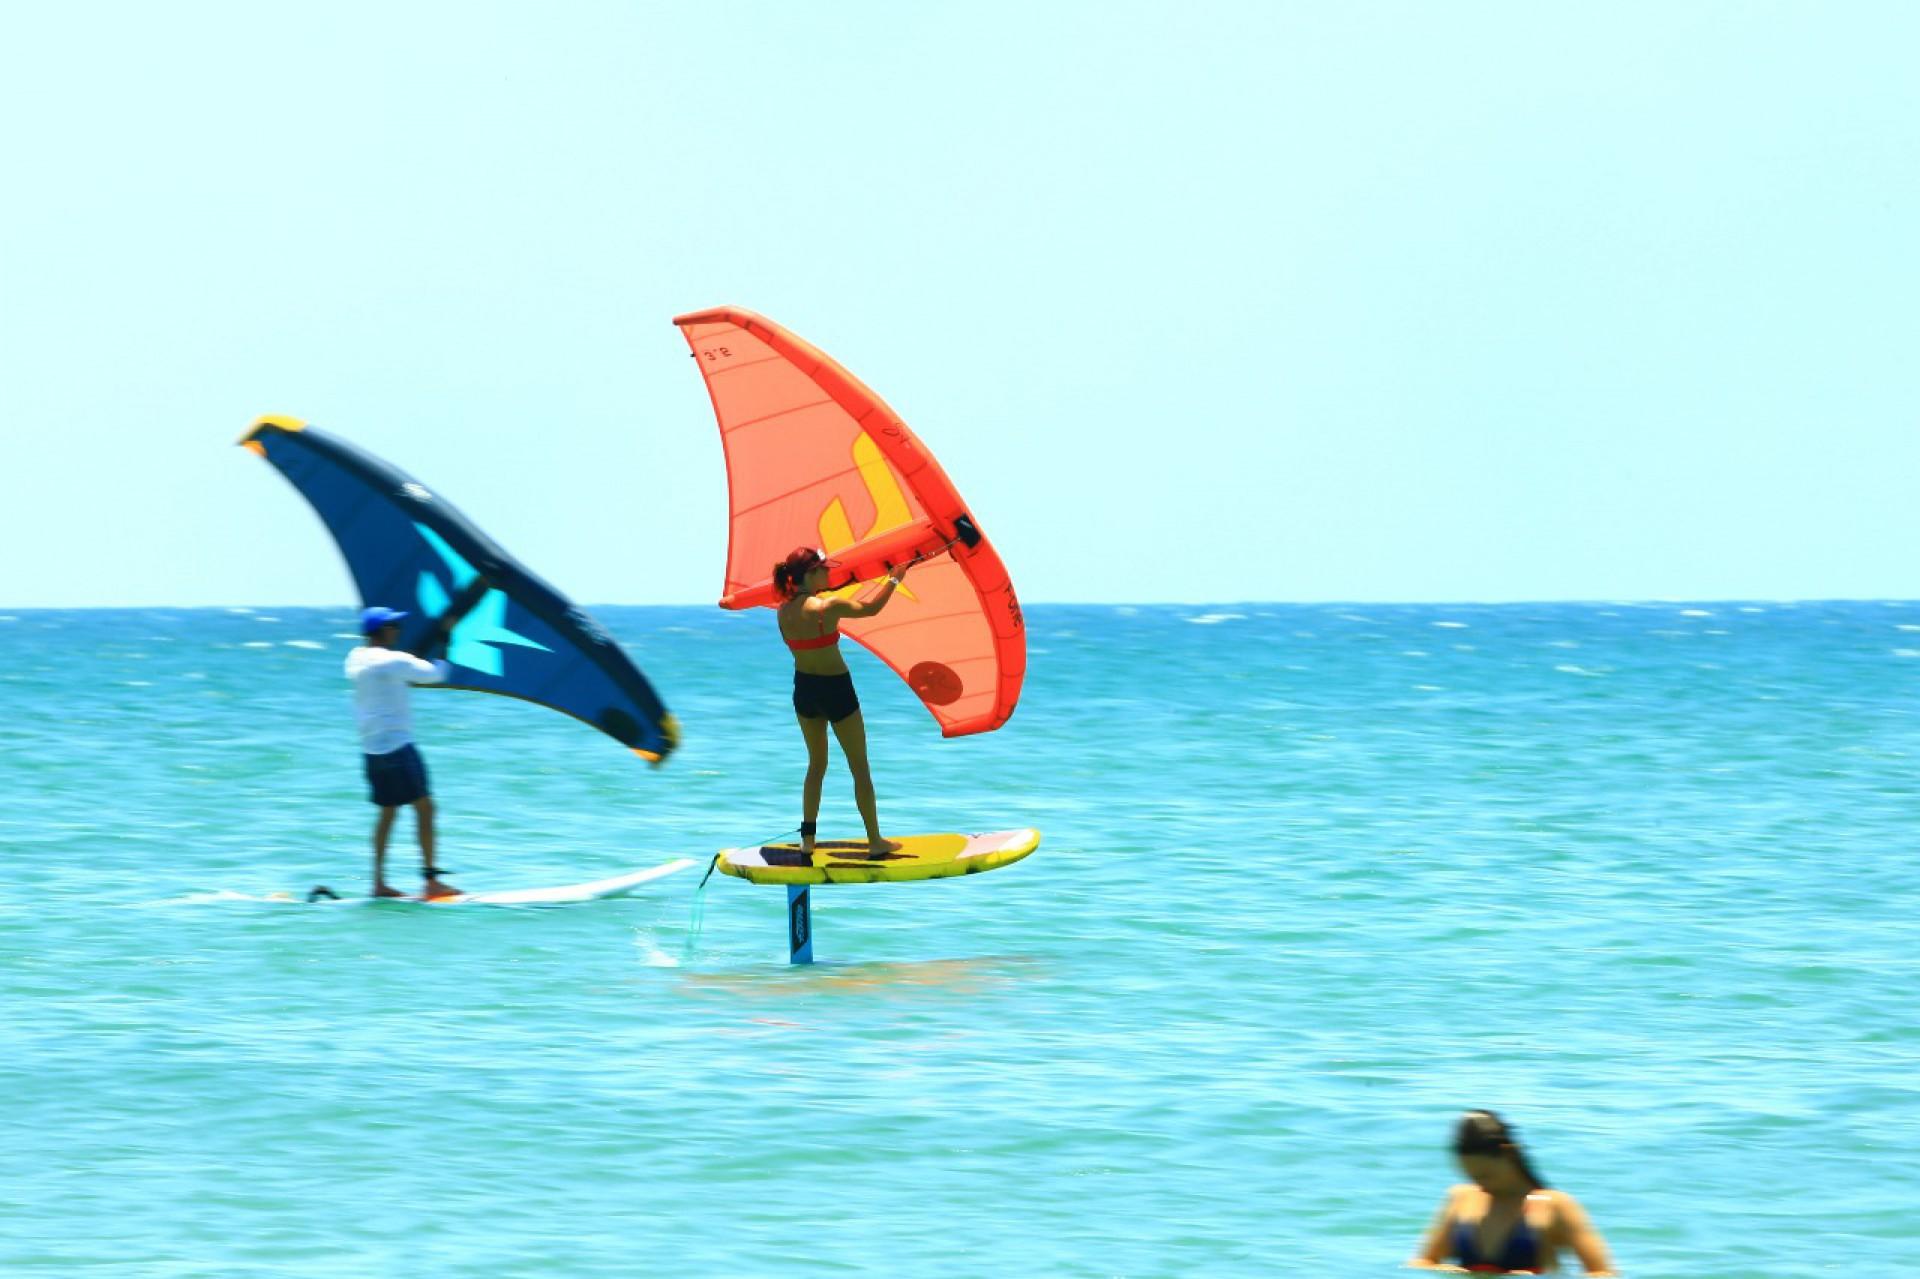 (Foto: Analice Diniz / Divulgação)Aulas de wing foil (wingsurfe) nas areias das praia de Jericoacoara e do Preá, que também recebem windsurfe e kitesurfe. Especial Esportes Náuticos